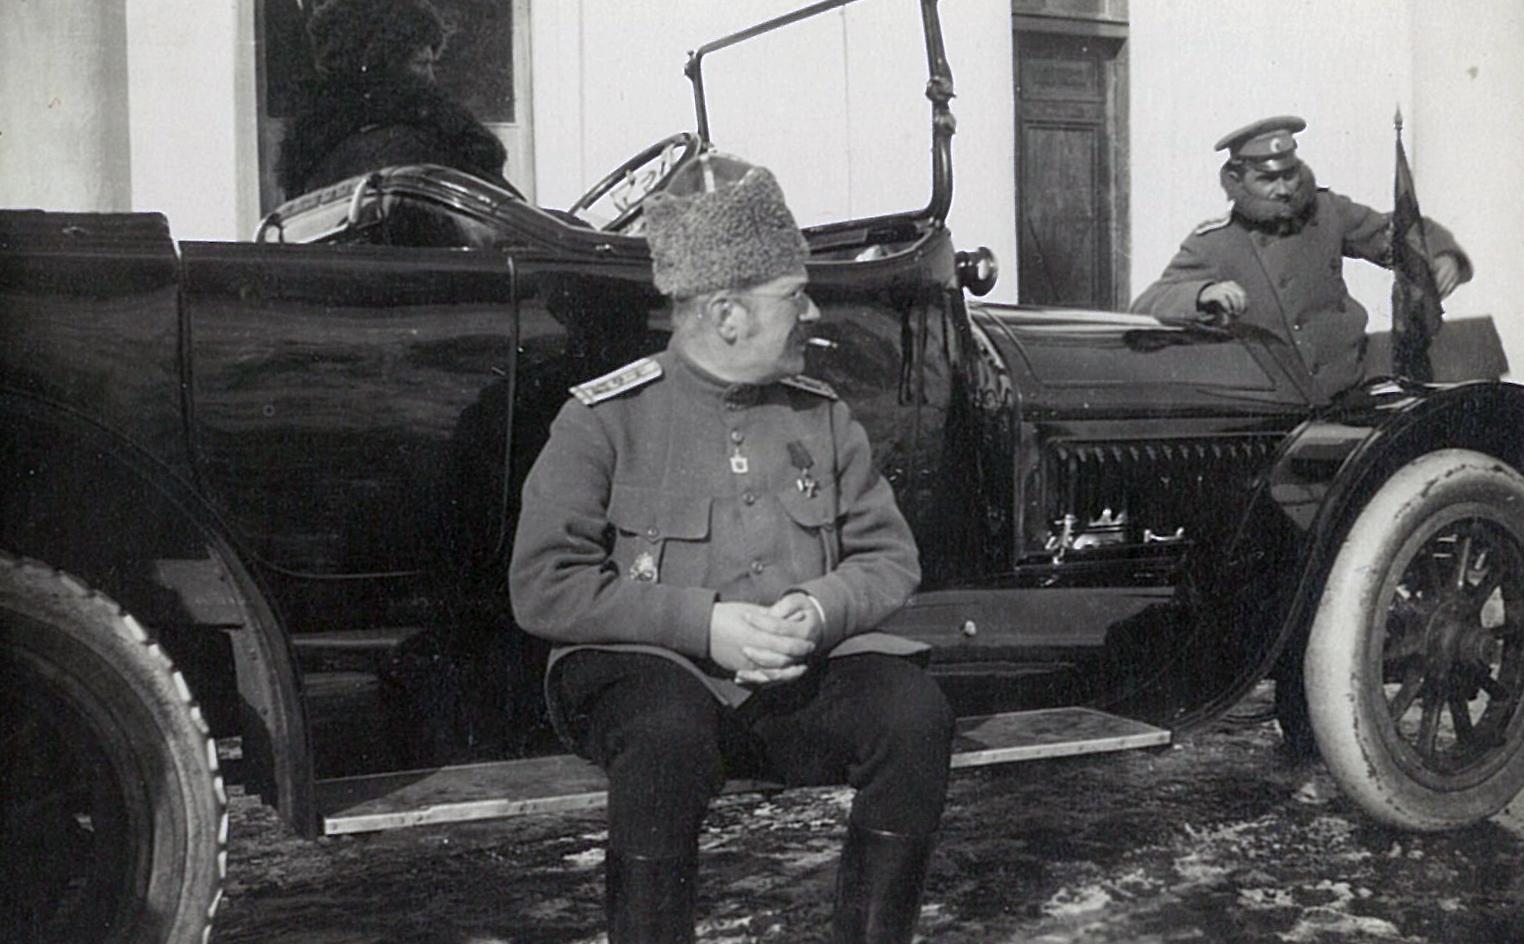 Заядлый автомобилист В.П.Всеволожский в военной форме на подножке автомобиля. ~1914-1917